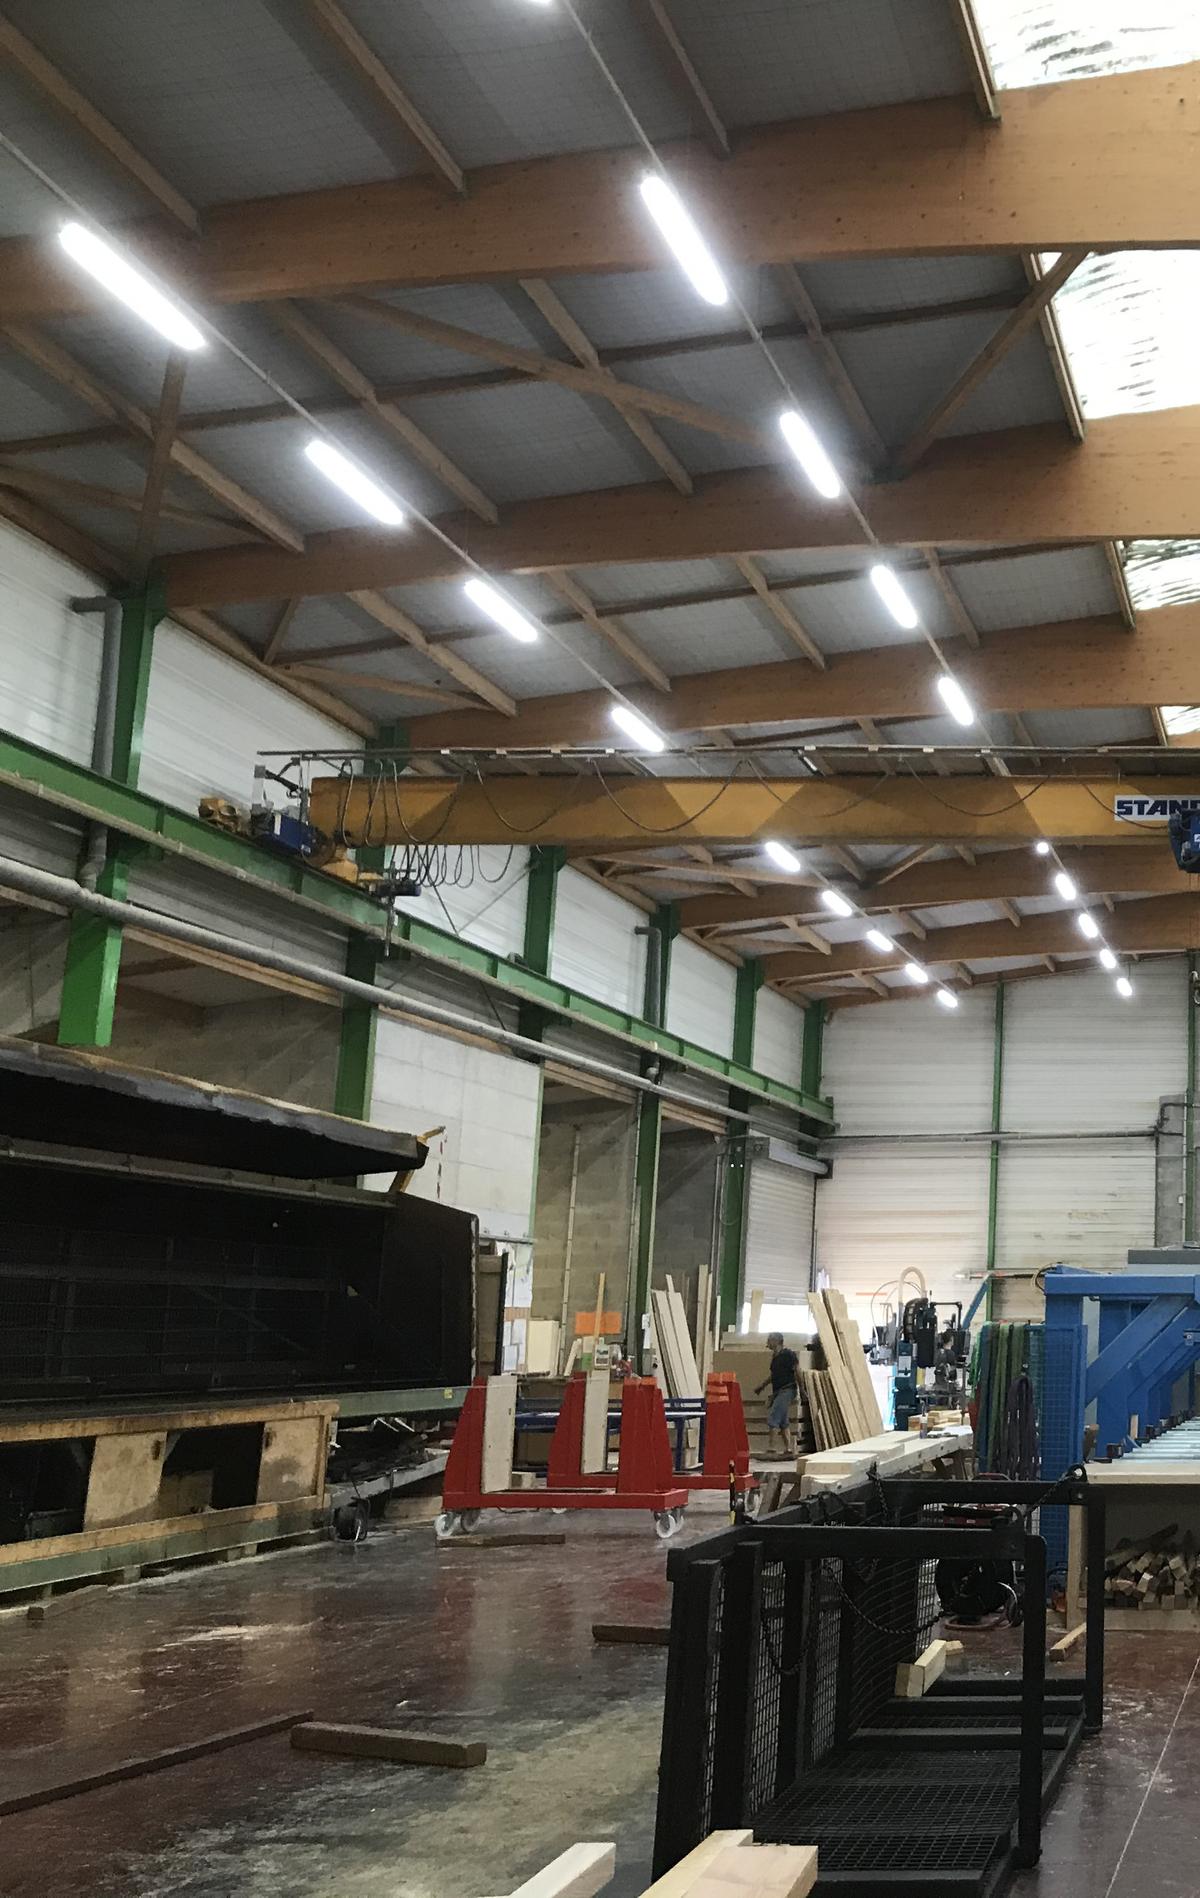 Projecteurs suspendus bâtiment industriel